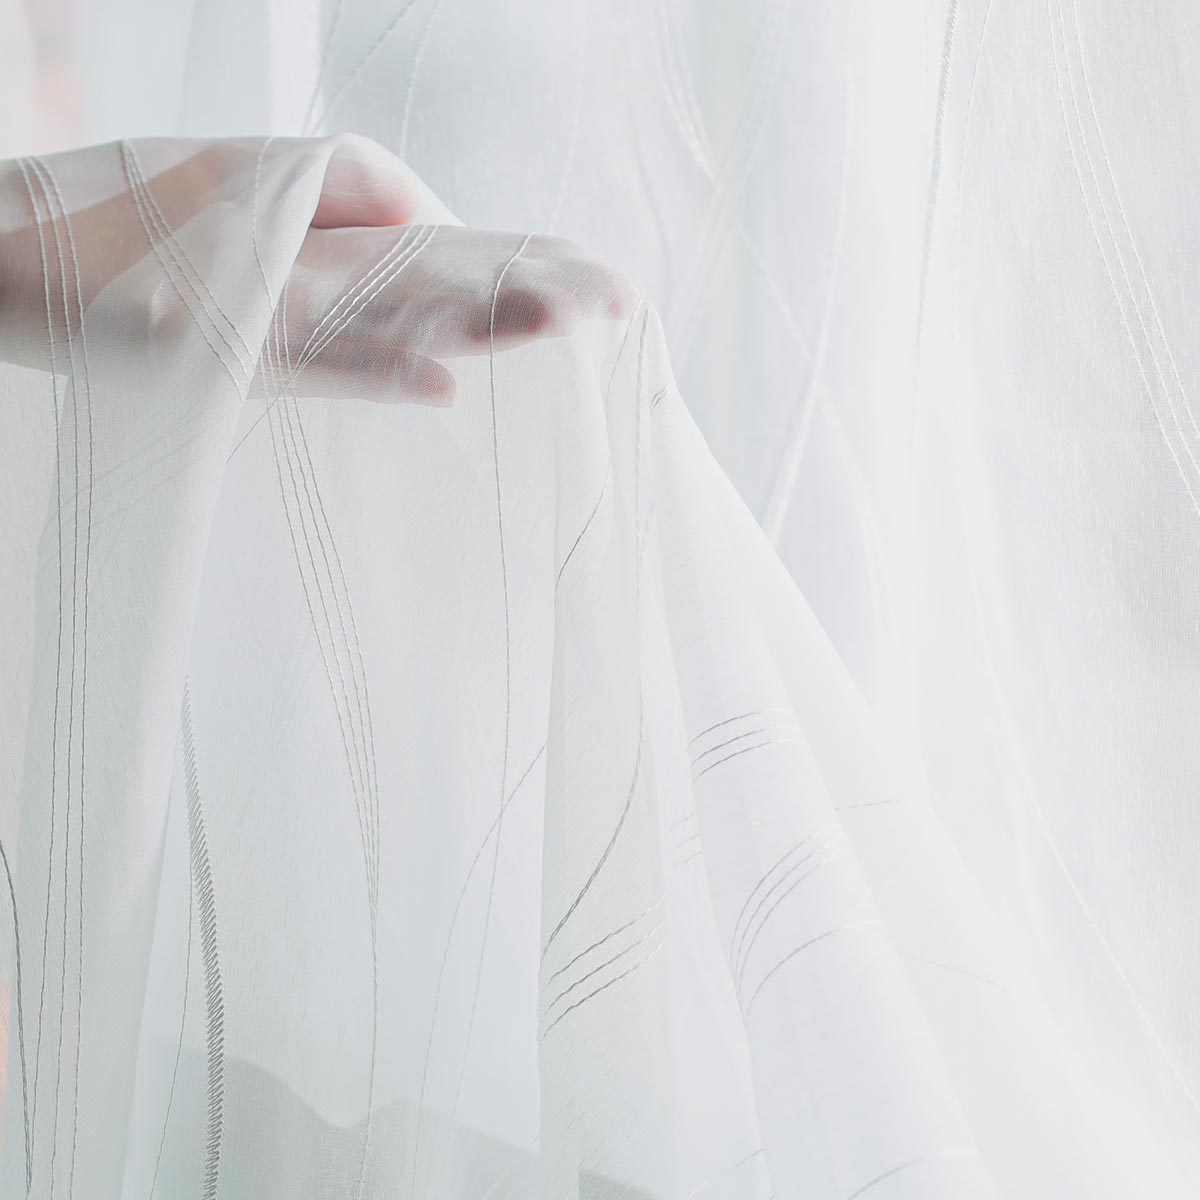 トルコレースカーテン『イェル』説明画像3